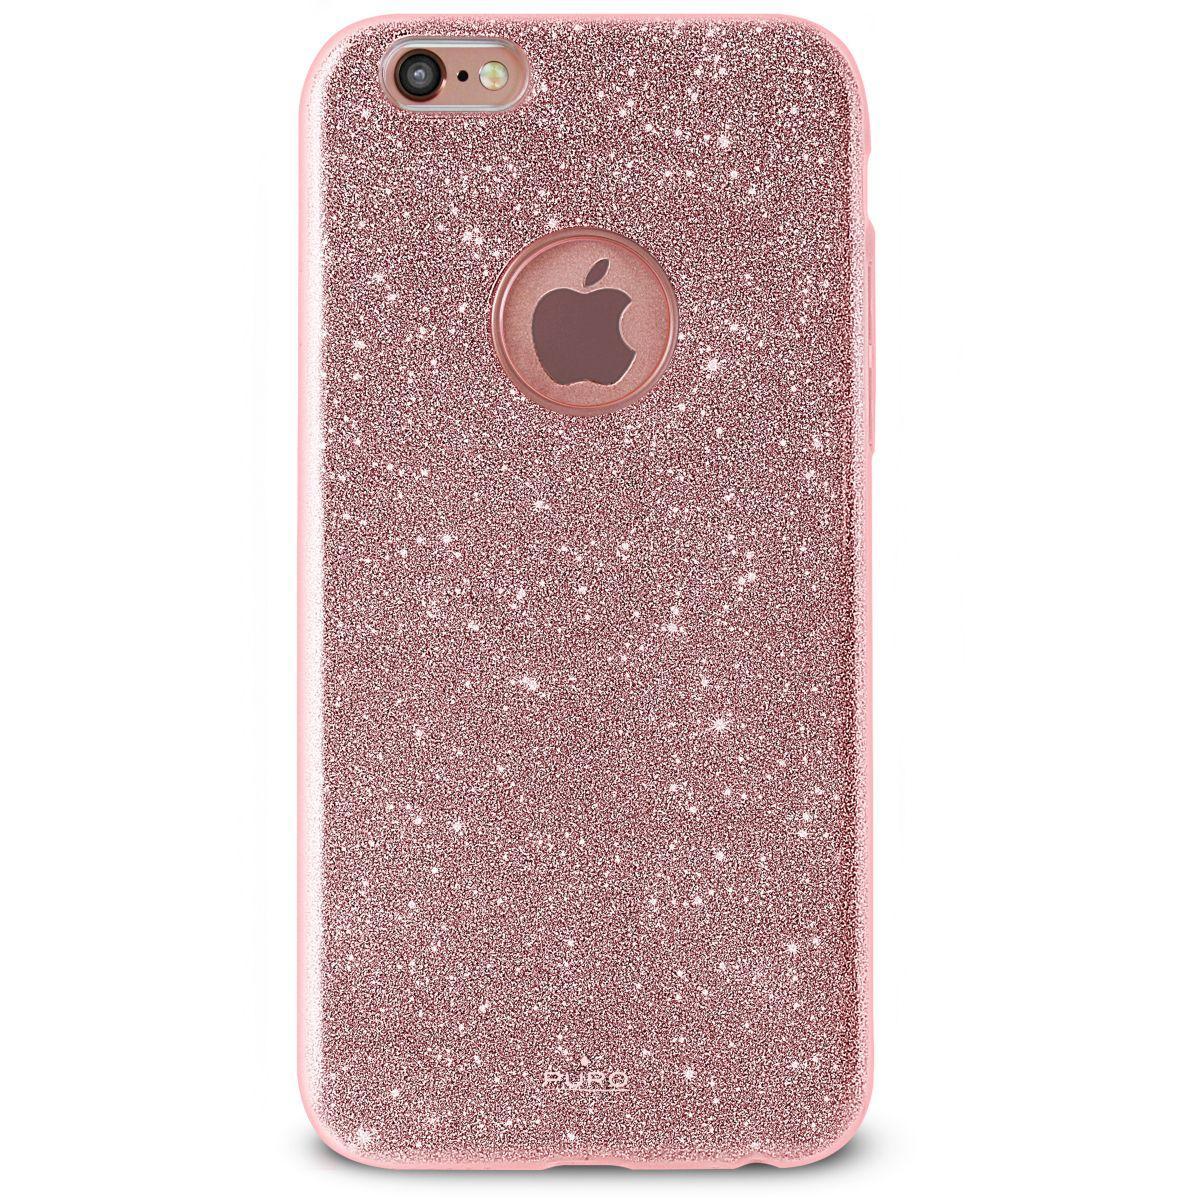 Coque puro iphone 7 pailleté rose doré - 20% de remise immédiate avec le code : multi20